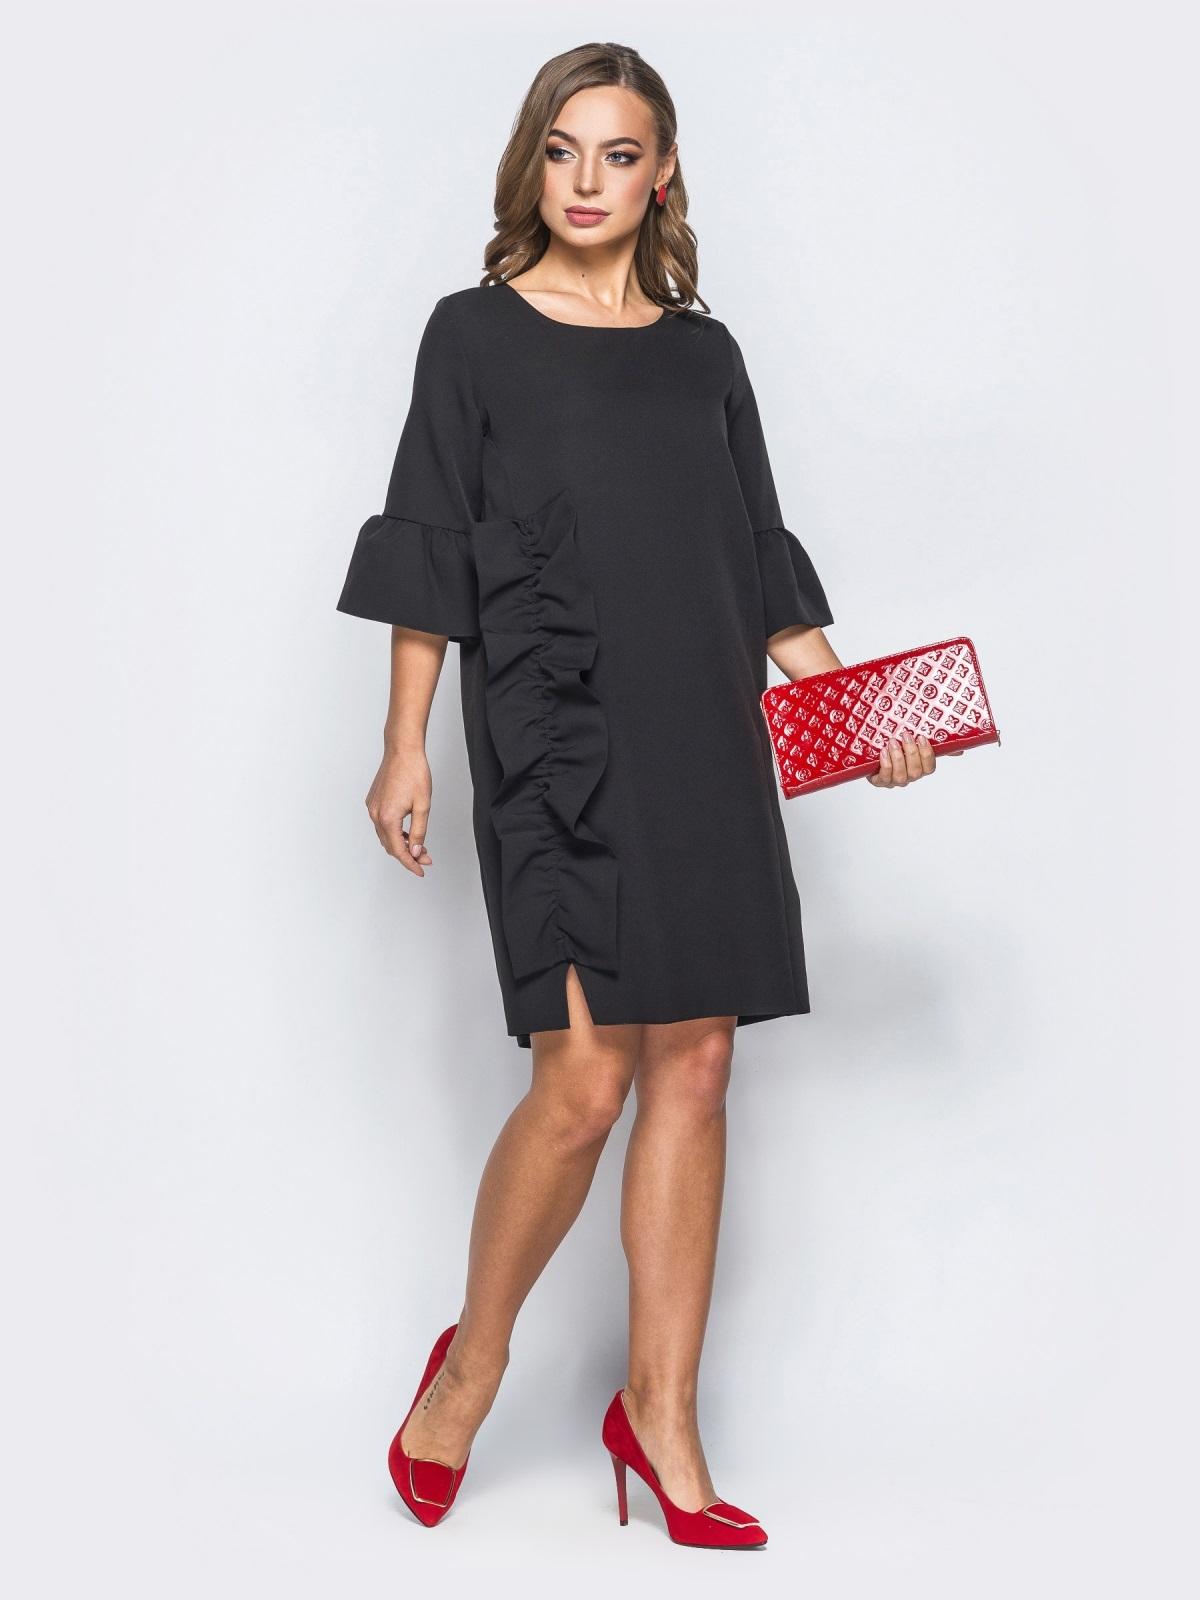 Платье черного цвета с объемной рюшей сбоку - 17972, фото 1 – интернет-магазин Dressa